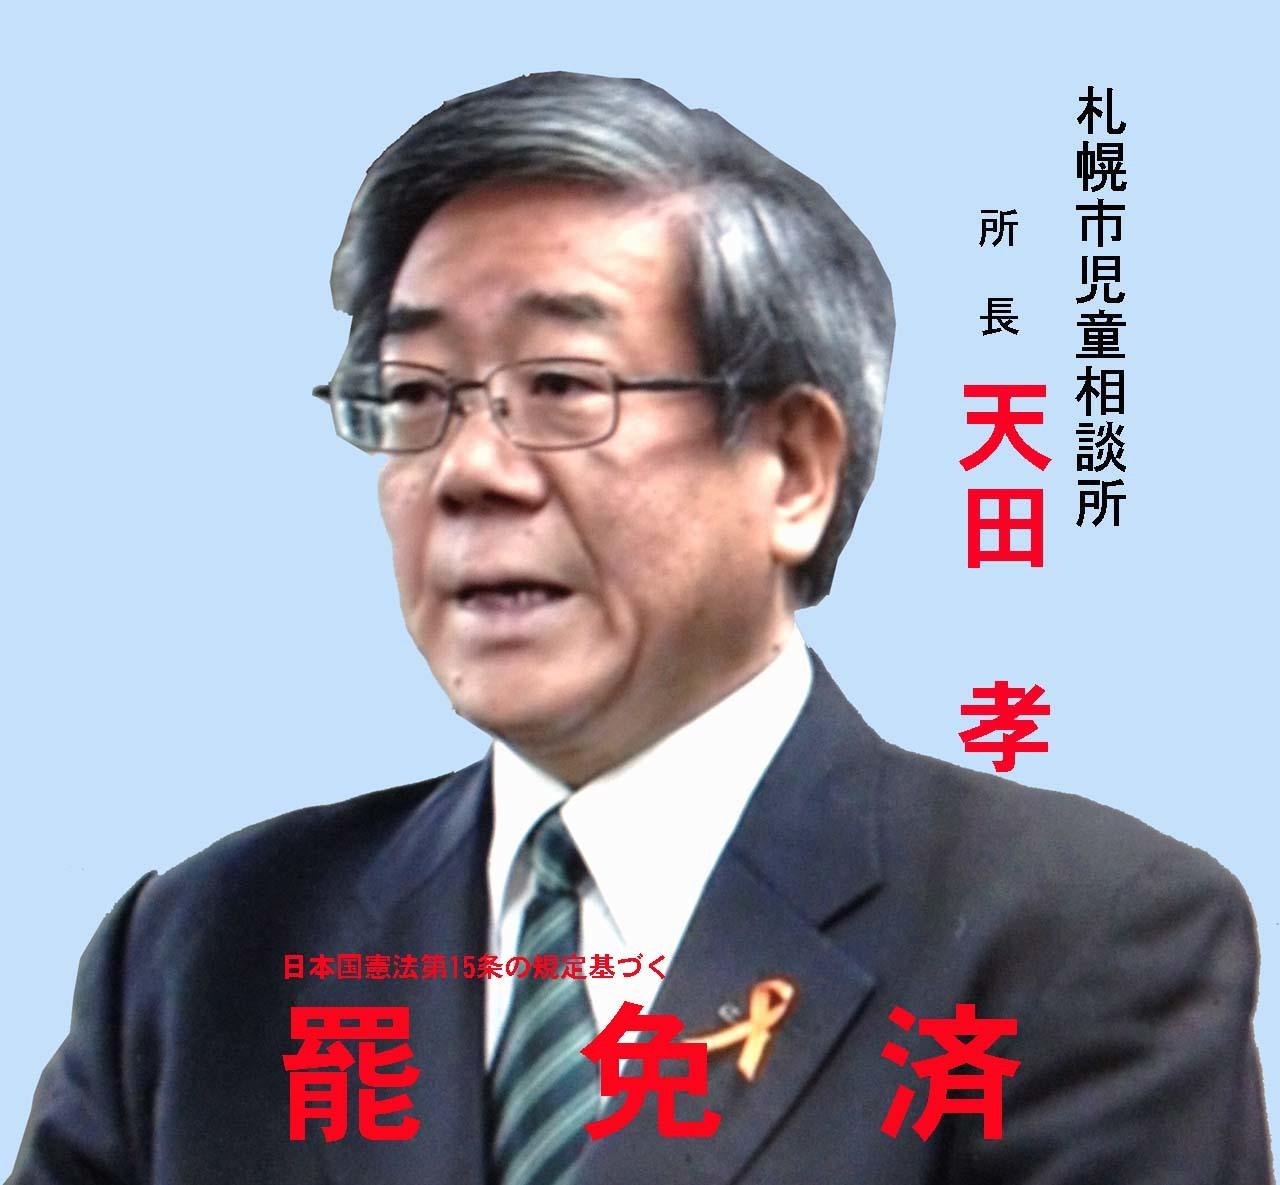 札幌市児童相談所所長天田孝